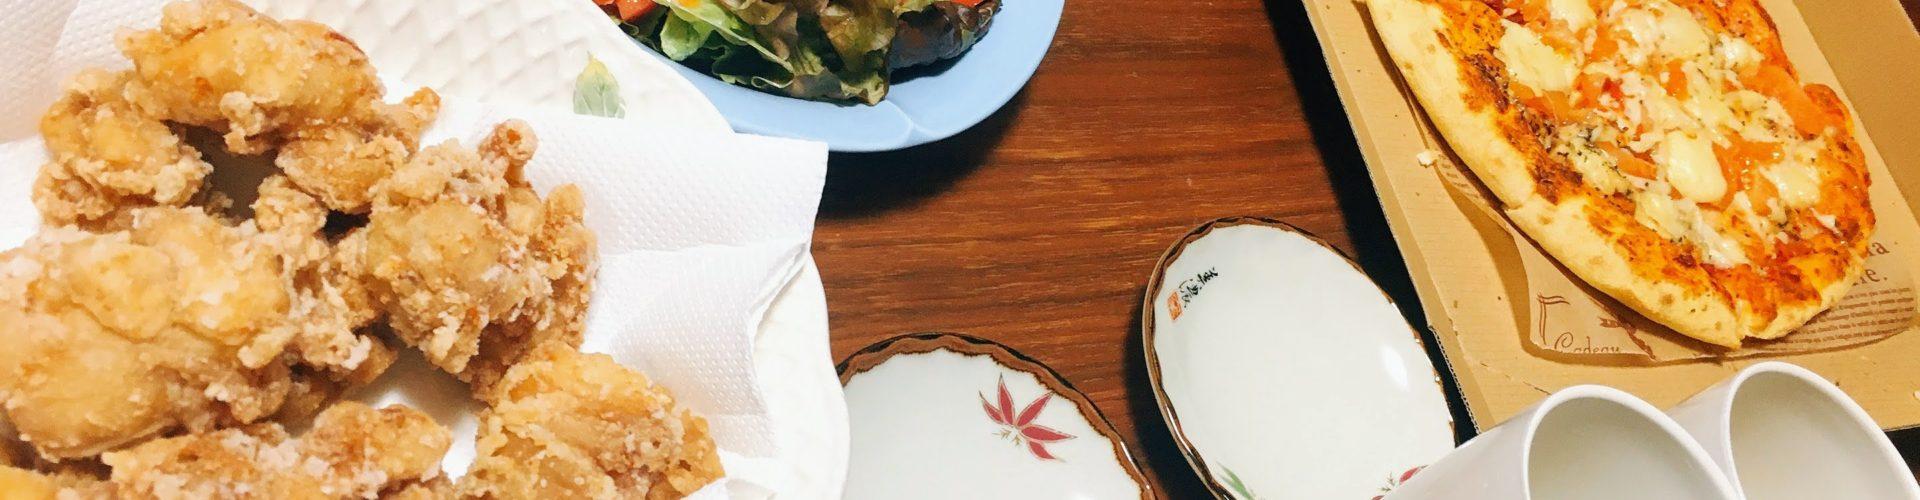 料理「新・からあげ(しょうゆ味)」